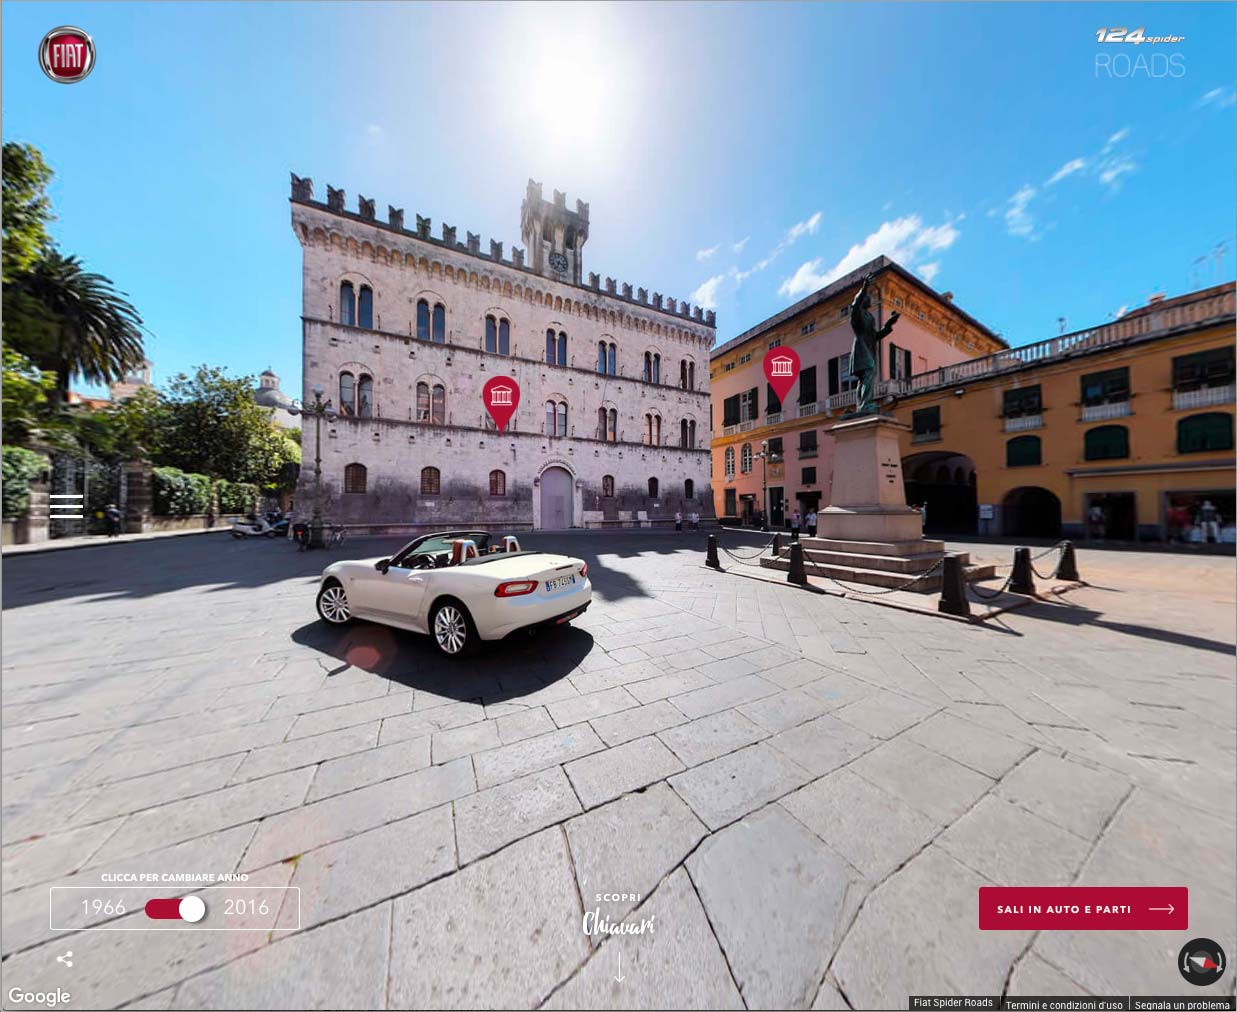 FCA, progetto Fiat 124 Spider Roads per viaggiare 'on line'